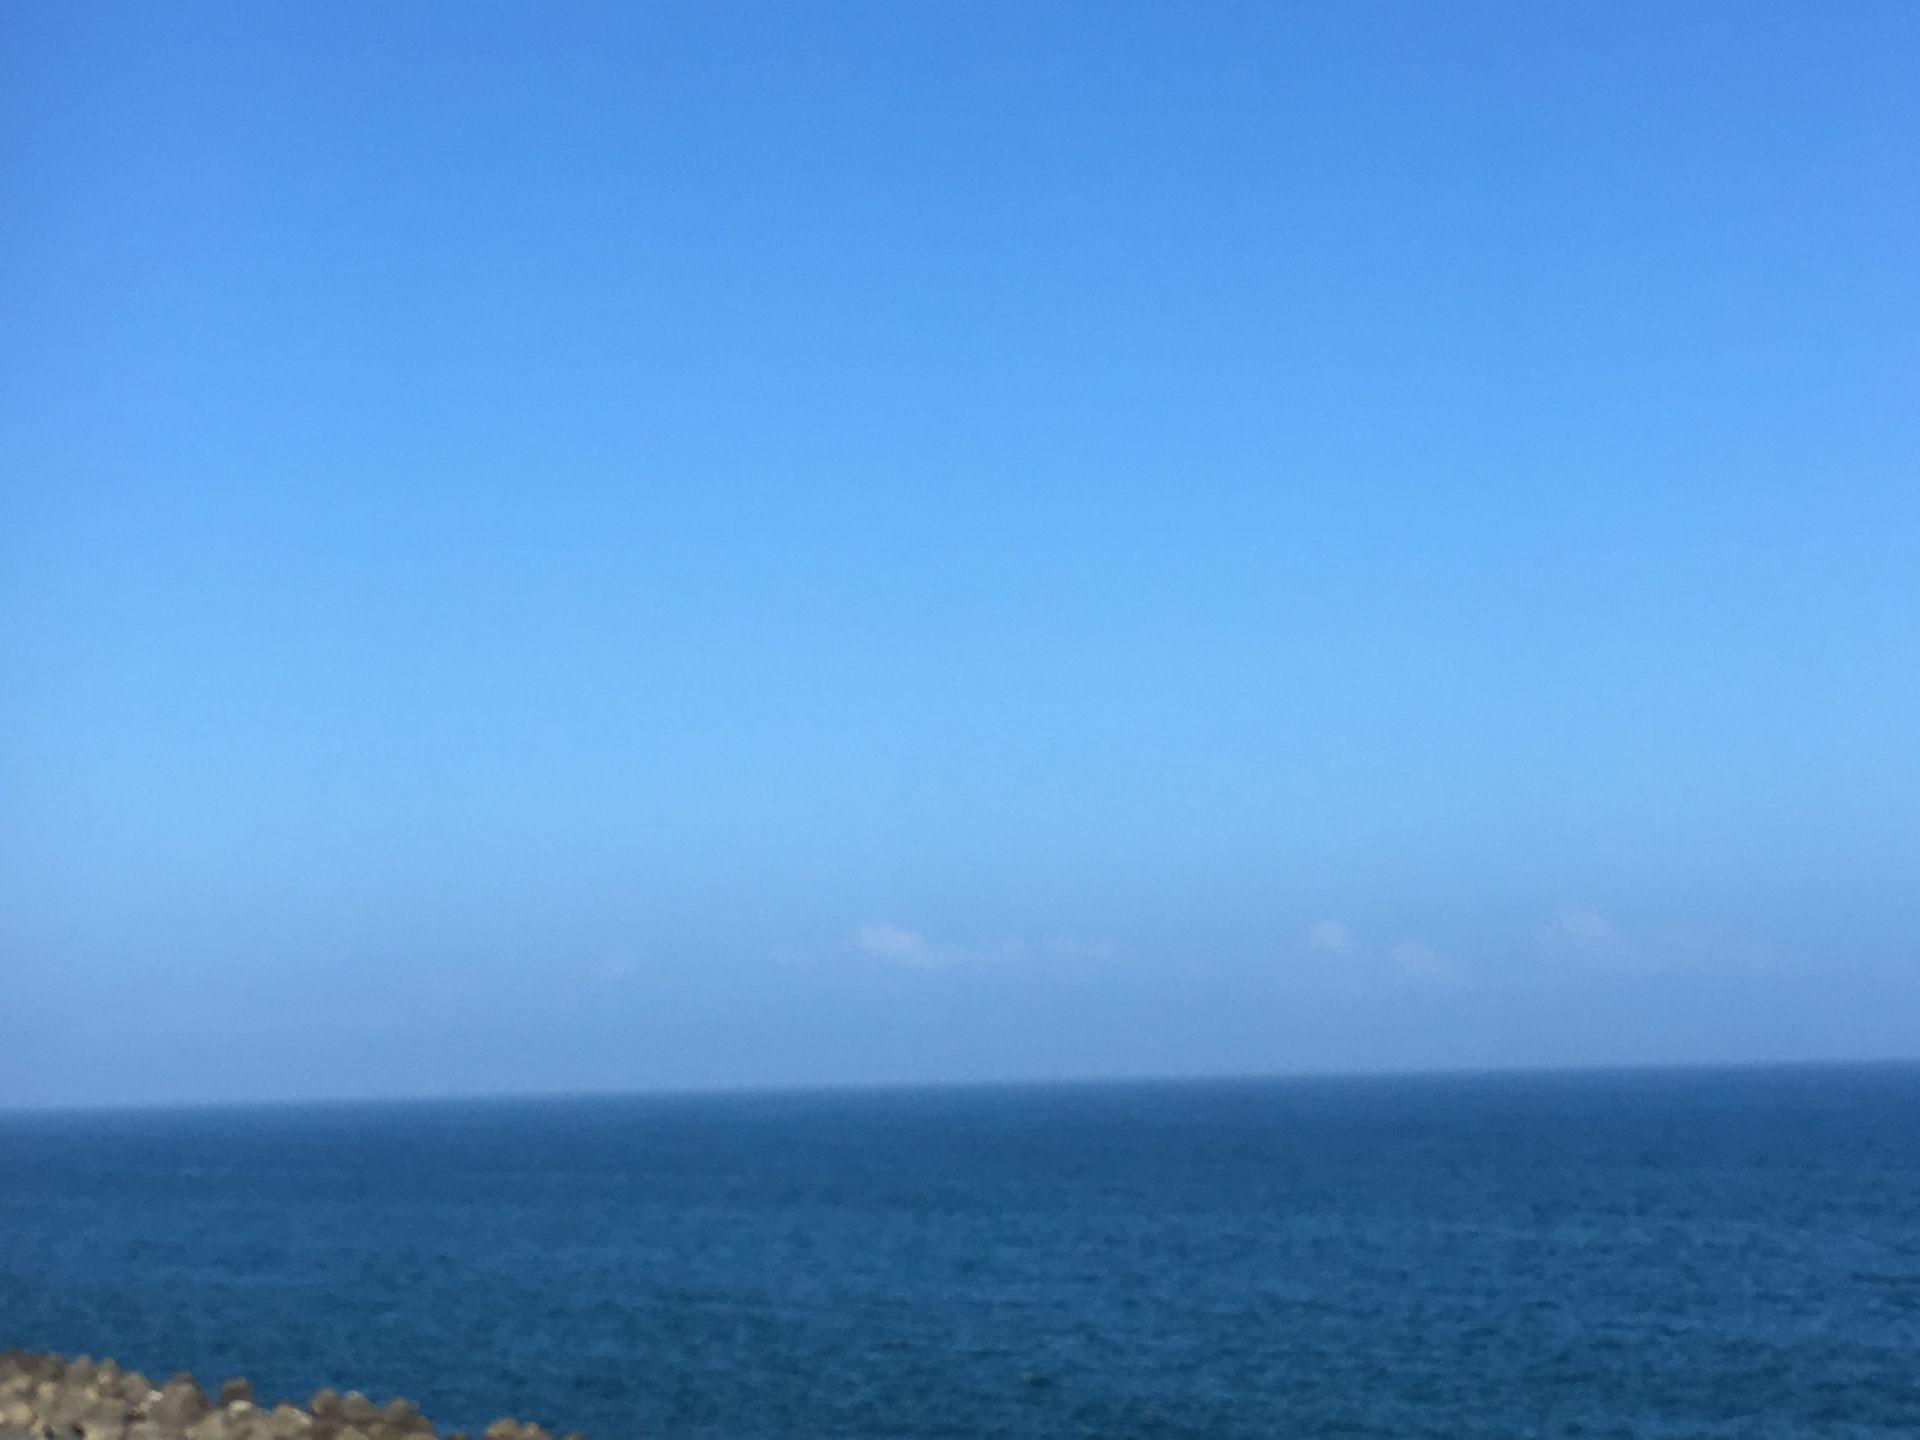 一望無際的太平洋